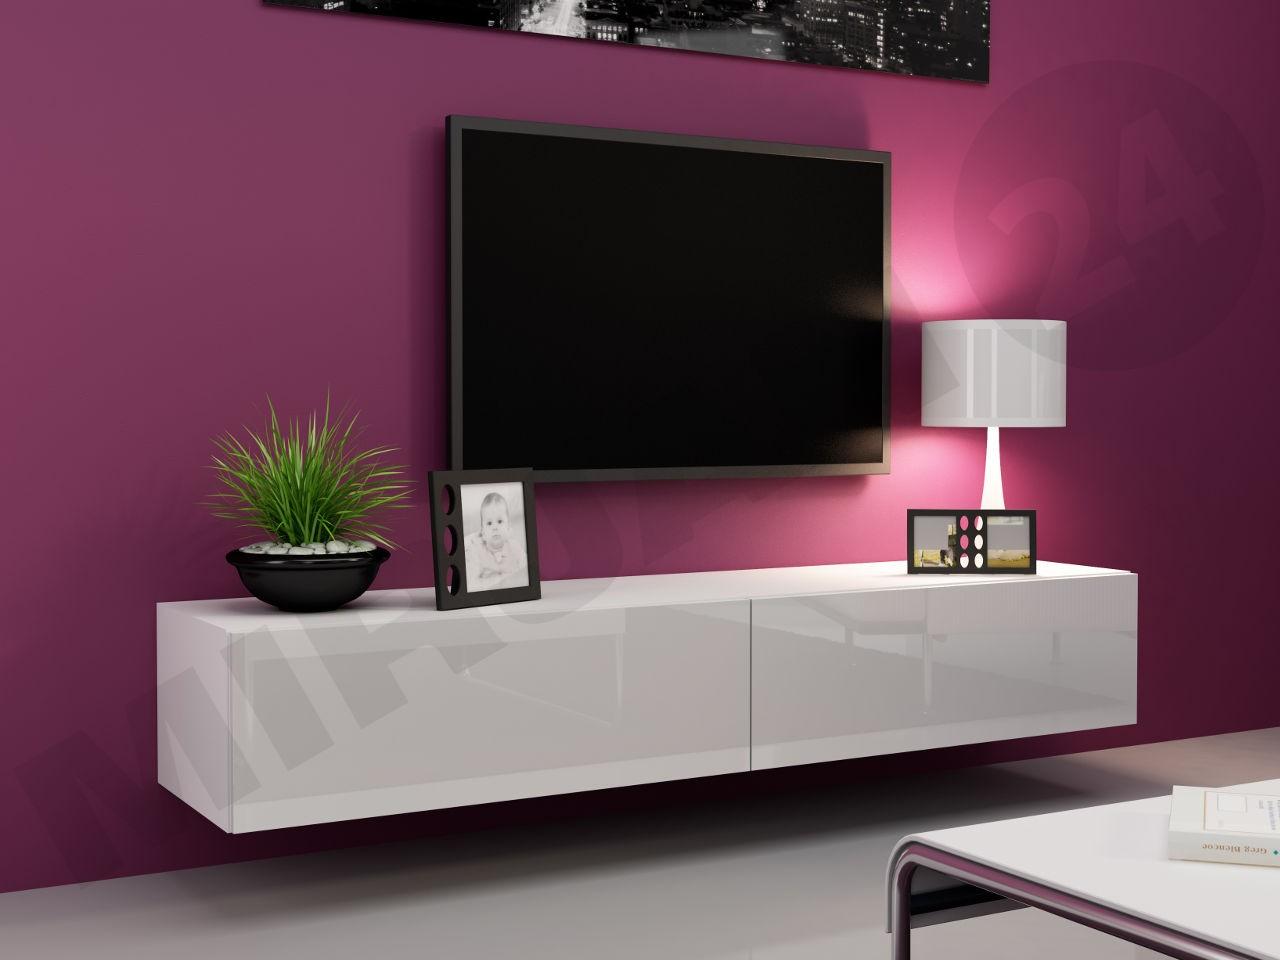 Tv lowboard hängend schwarz  Hänge Lowboard-TV Vigo 180 - Mirjan24